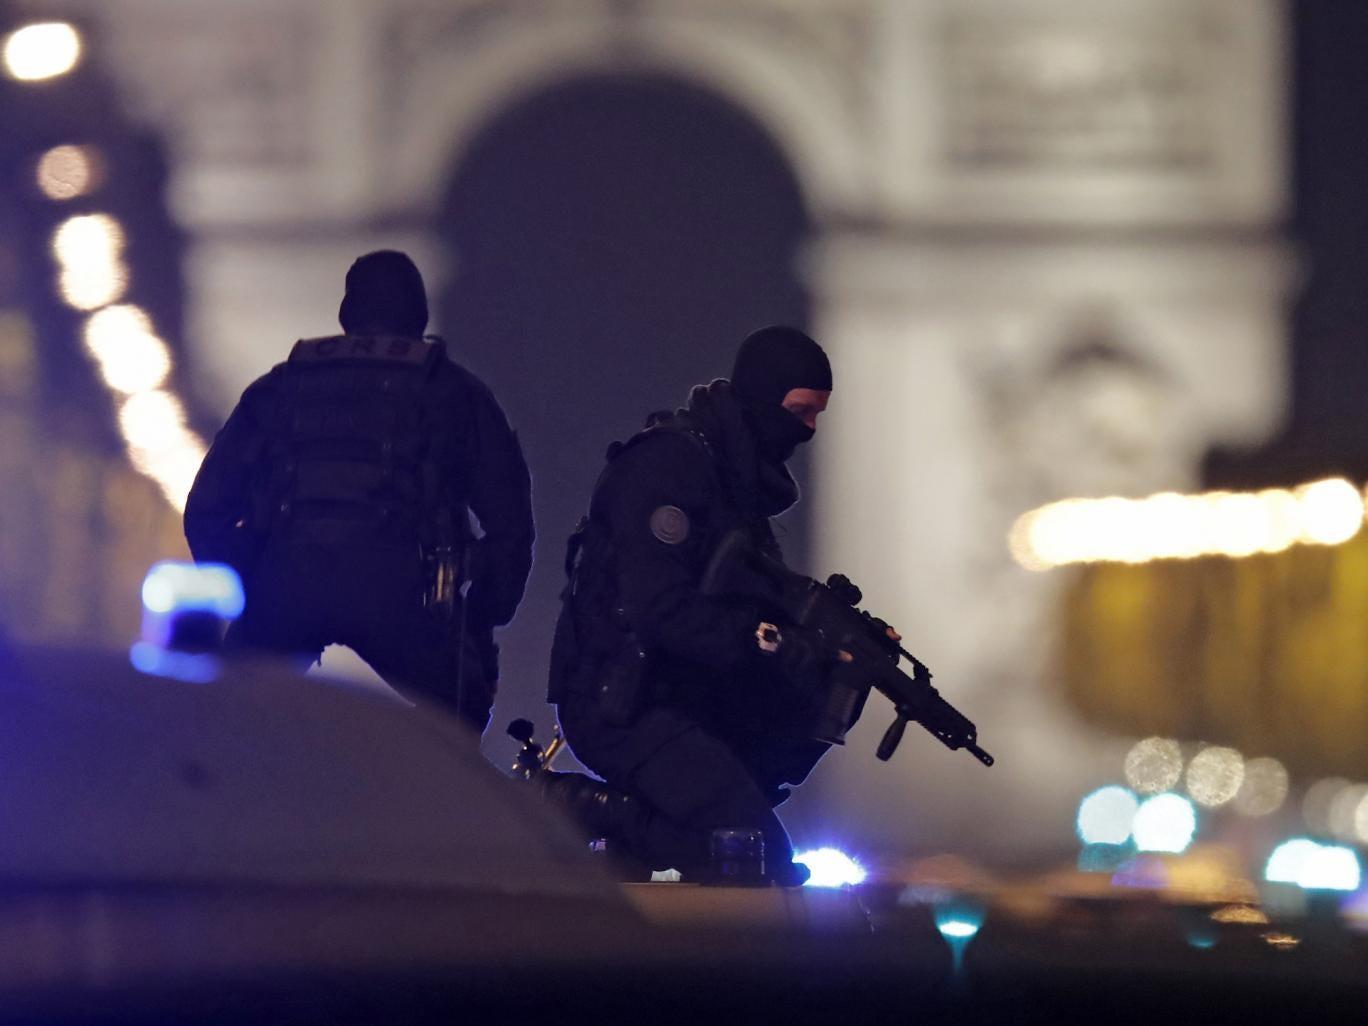 paris-champs-elysees-police.jpg